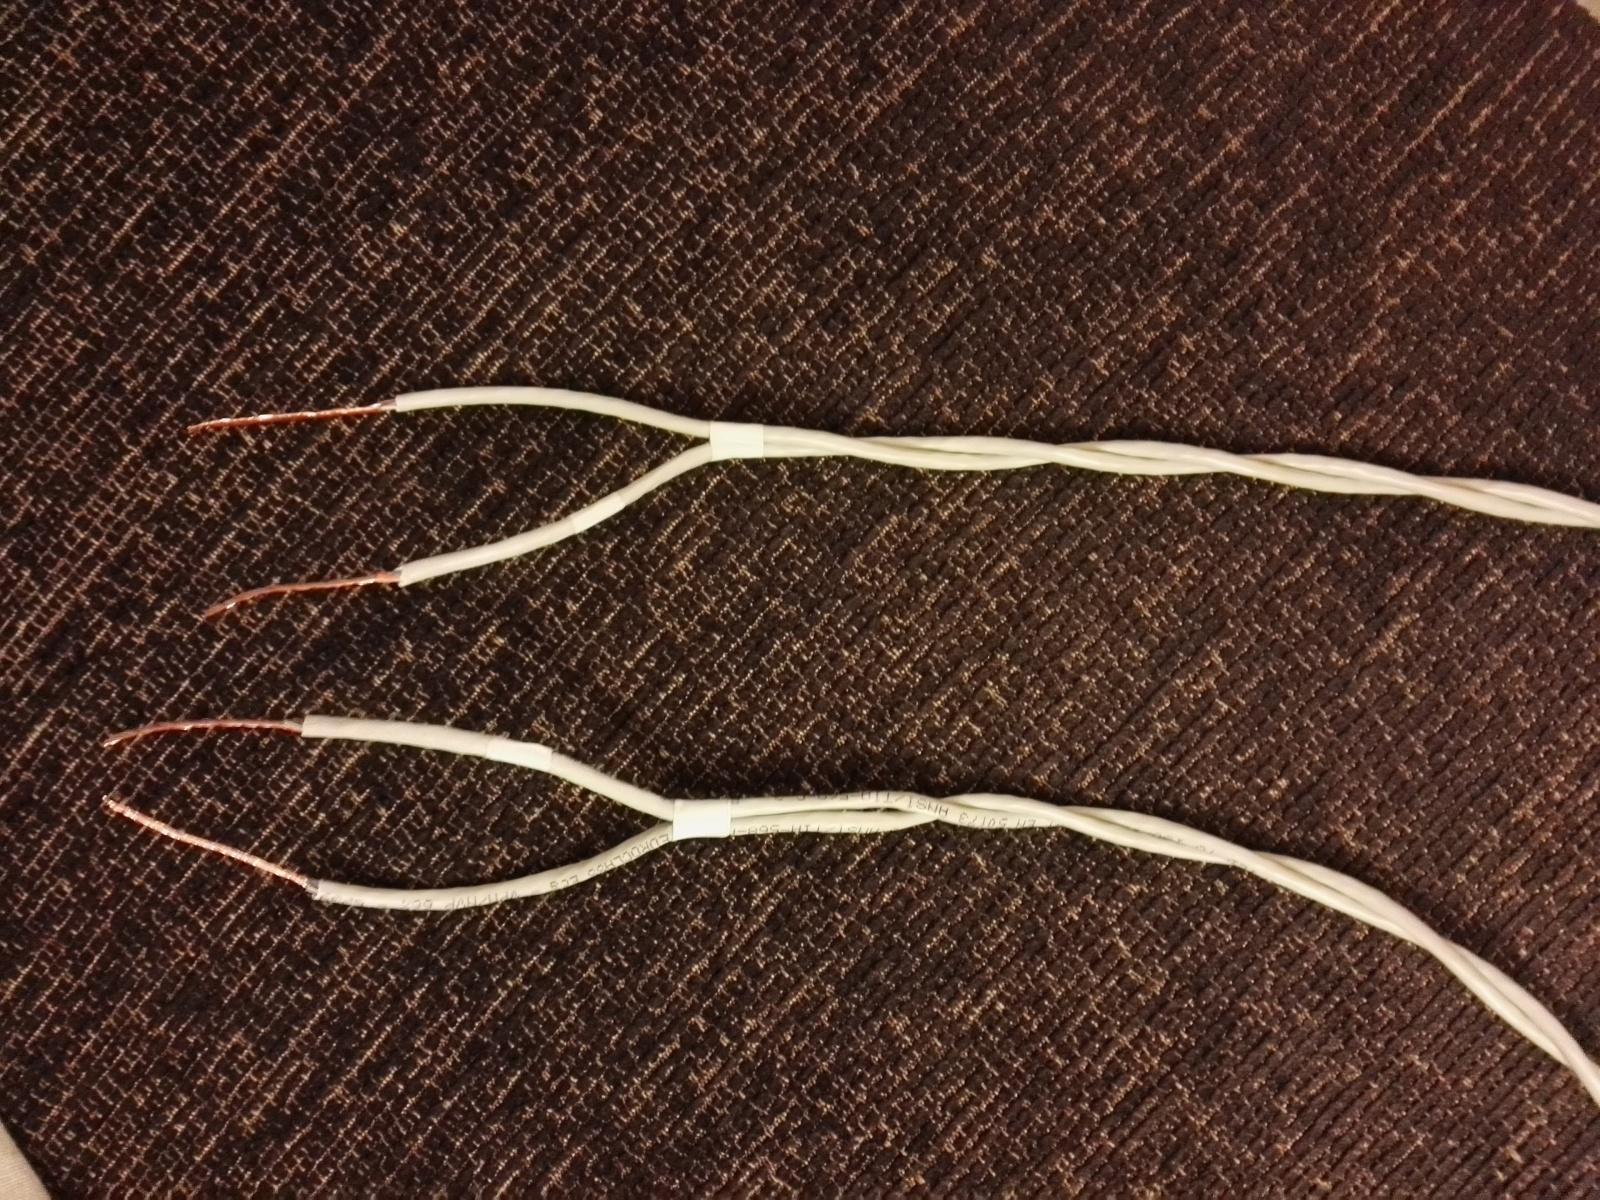 I miei primi cavi di potenza con cavo Cat5 1o3zsy